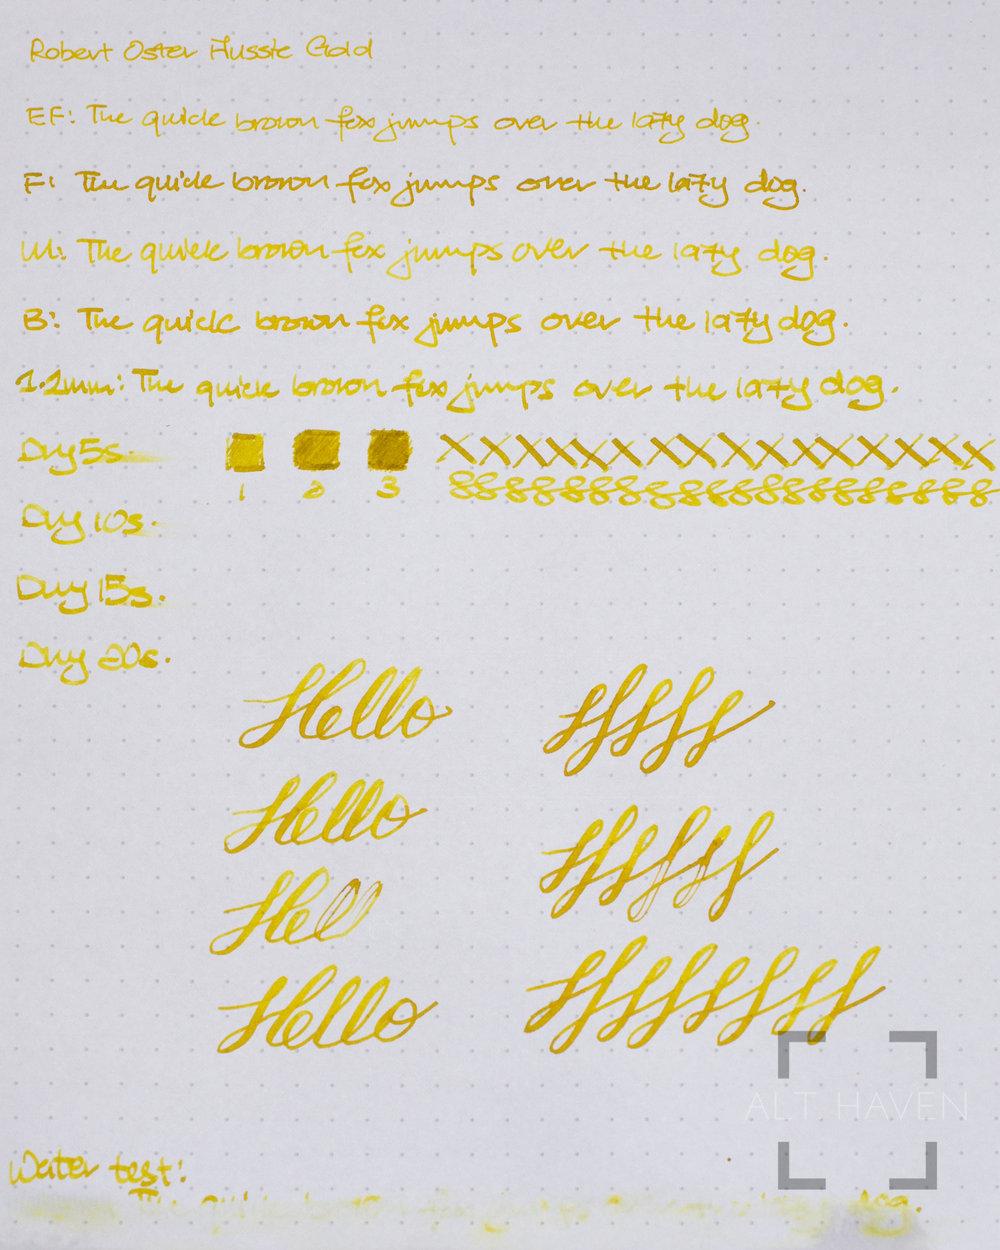 Robert Oster Aussie Gold.jpg